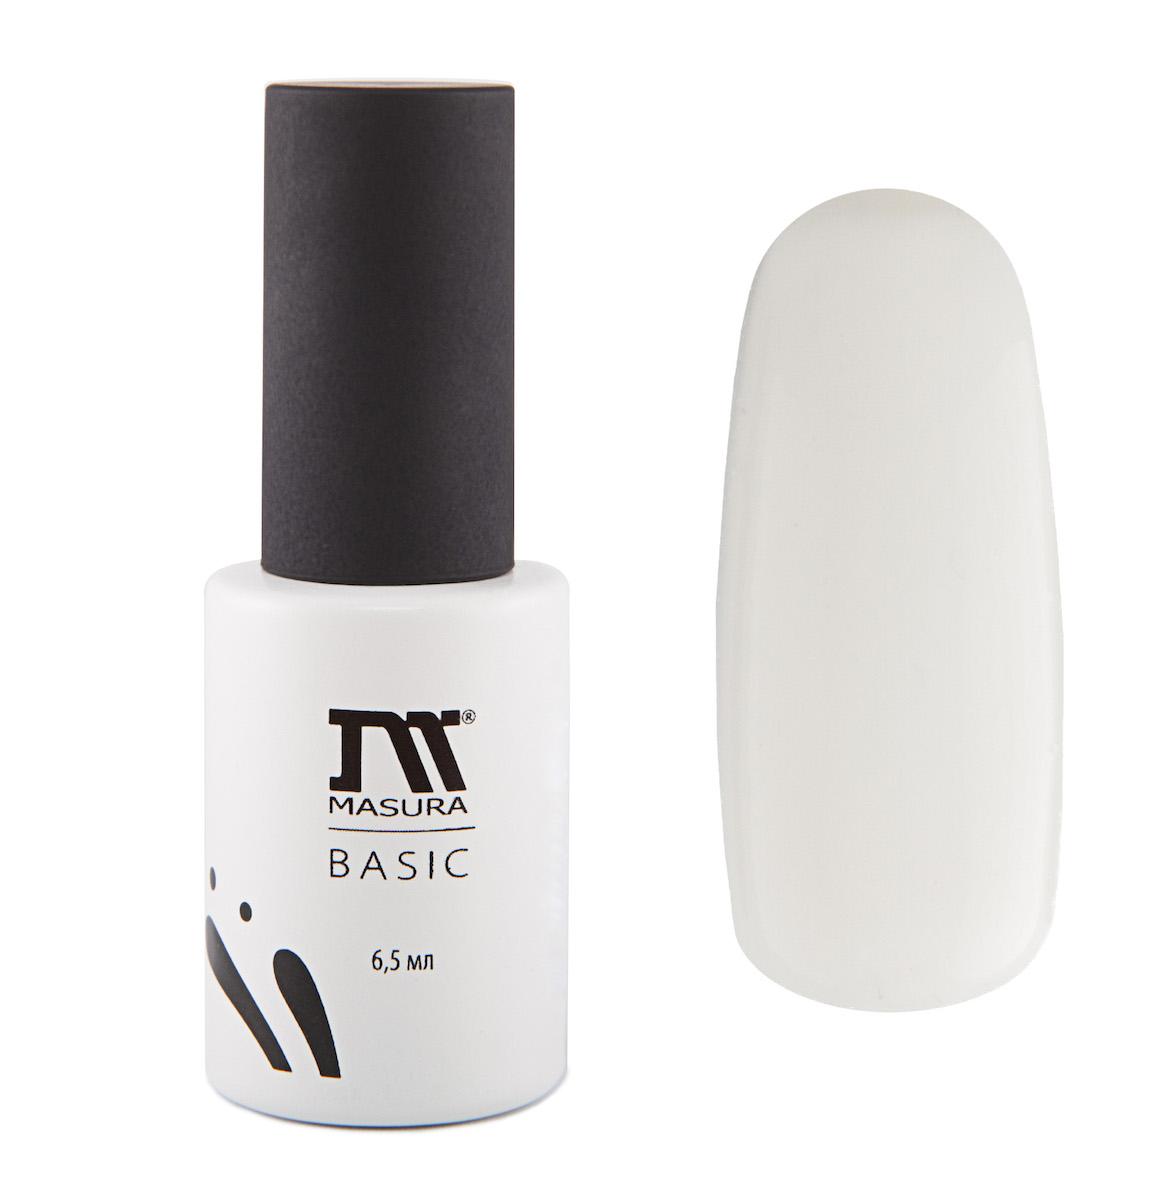 Masura BASIC White Base/Белая основа для гель-лаков 6,5 мл294-00Белая базарекомендуется для применения с неплотными, полупрозрачными цветными гель-лаками. Требует применения праймера (артикул 312).